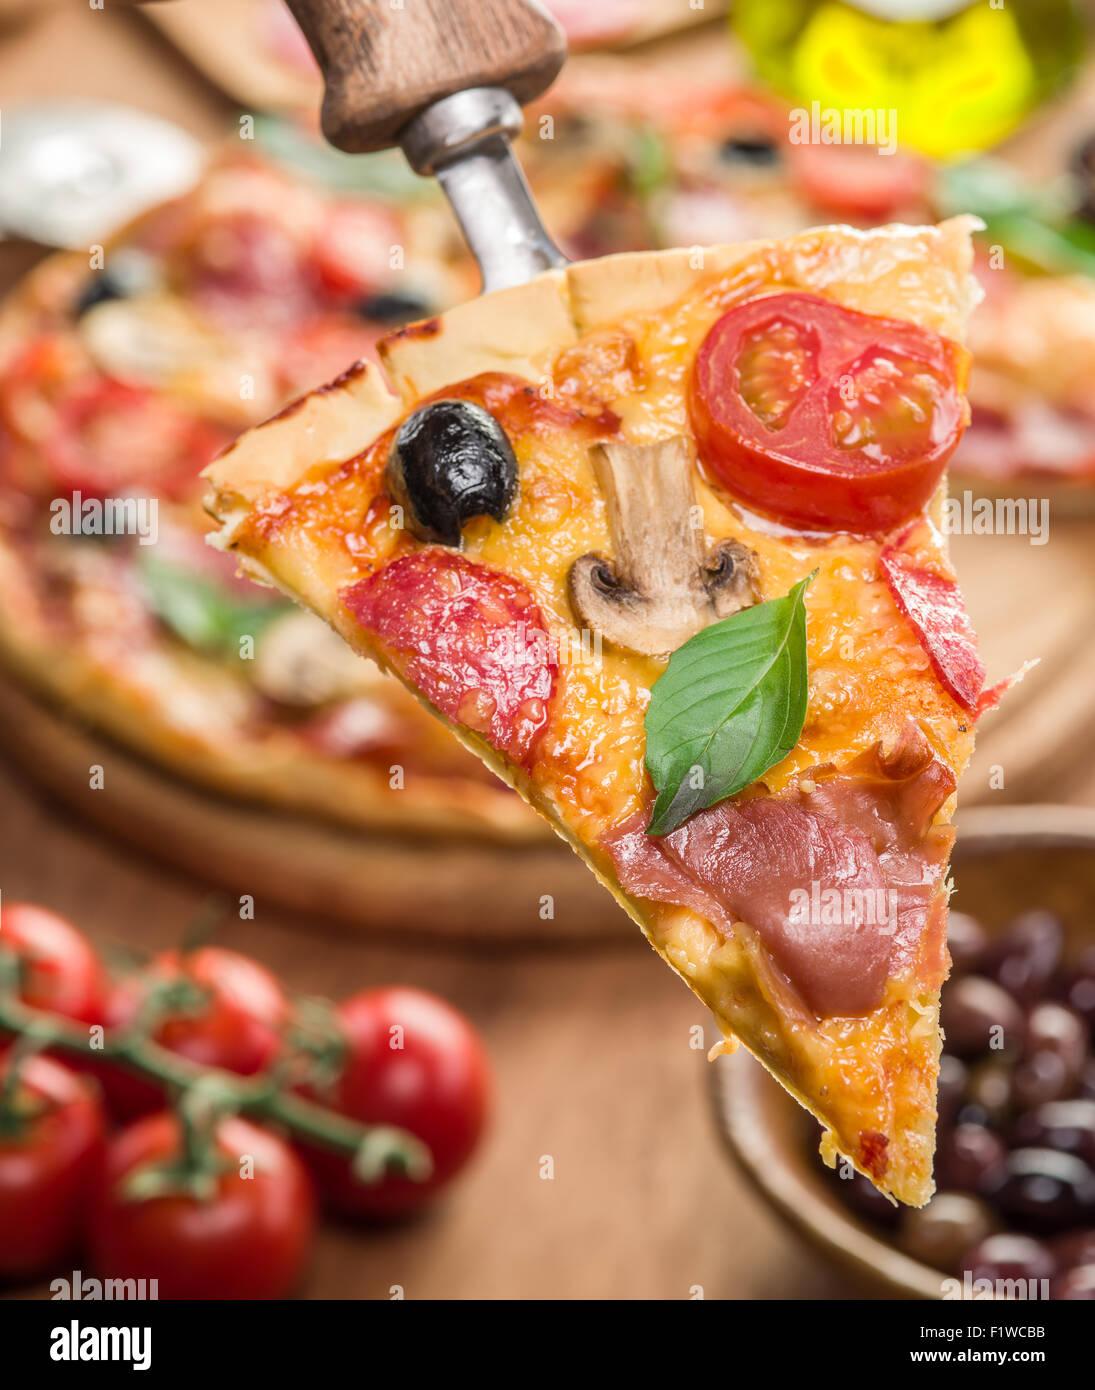 Porción de pizza con champiñones, jamón y tomates. Vista desde arriba. Imagen De Stock